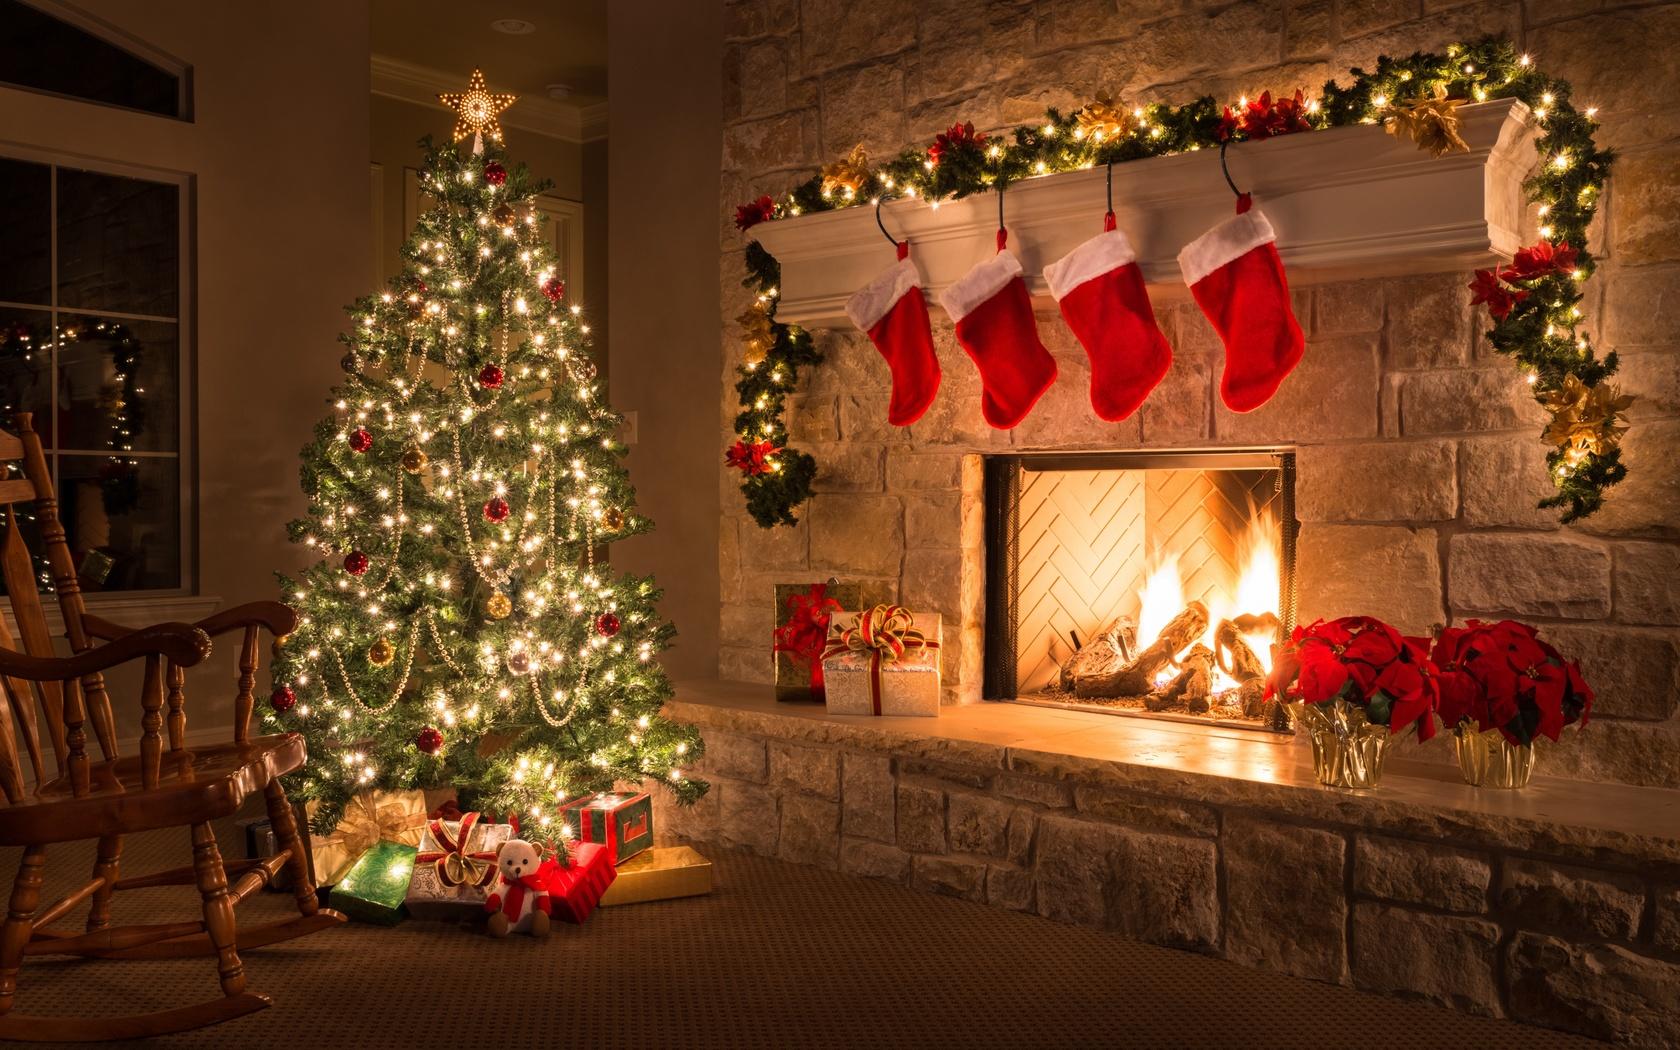 Пожелания, картинки с елкой новогодней дома